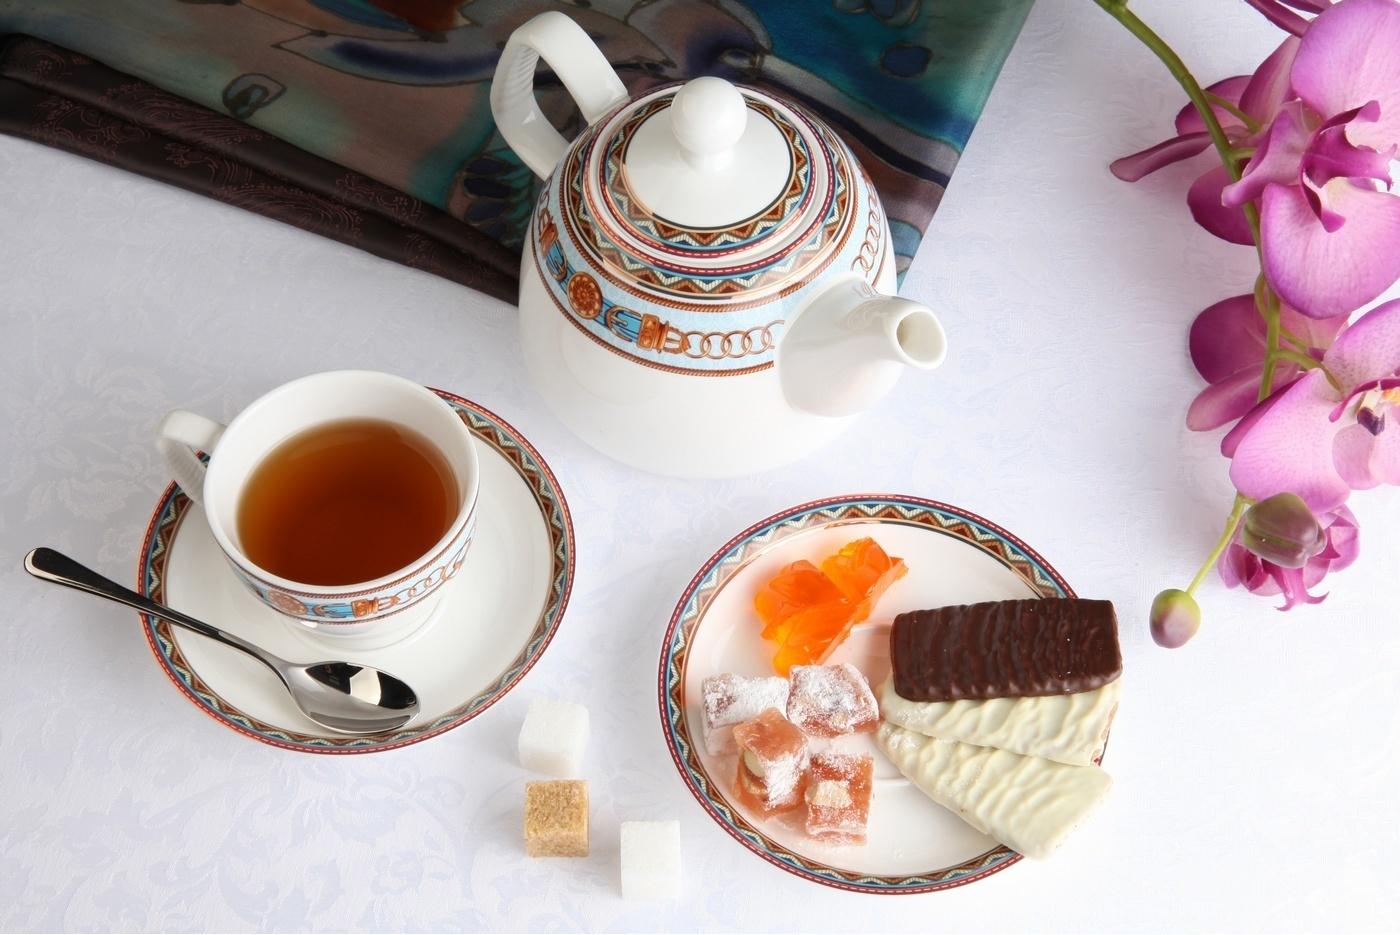 Чайный сервиз Royal Aurel Гермес арт.142, 13 предметовЧайные сервизы<br>Чайный сервиз Royal Aurel Гермес арт.142, 13 предметов<br><br><br><br><br><br><br><br><br><br><br>Чашка 300 мл,6 шт.<br>Блюдце 15 см,6 шт.<br>Чайник 1300 мл<br><br><br><br><br><br><br>Производить посуду из фарфора начали в Китае на стыке 6-7 веков. Неустанно совершенствуя и селективно отбирая сырье для производства посуды из фарфора, мастерам удалось добиться выдающихся характеристик фарфора: белизны и тонкостенности. В XV веке появился особый интерес к китайской фарфоровой посуде, так как в это время Европе возникла мода на самобытные китайские вещи. Роскошный китайский фарфор являлся изыском и был в новинку, поэтому он выступал в качестве подарка королям, а также знатным людям. Такой дорогой подарок был очень престижен и по праву являлся элитной посудой. Как известно из многочисленных исторических документов, в Европе китайские изделия из фарфора ценились практически как золото. <br>Проверка изделий из костяного фарфора на подлинность <br>По сравнению с производством других видов фарфора процесс производства изделий из настоящего костяного фарфора сложен и весьма длителен. Посуда из изящного фарфора - это элитная посуда, которая всегда ассоциируется с богатством, величием и благородством. Несмотря на небольшую толщину, фарфоровая посуда - это очень прочное изделие. Для демонстрации плотности и прочности фарфора можно легко коснуться предметов посуды из фарфора деревянной палочкой, и тогда мы услушим характерный металлический звон. В составе фарфоровой посуды присутствует костяная зола, благодаря чему она может быть намного тоньше (не более 2,5 мм) и легче твердого или мягкого фарфора. Безупречная белизна - ключевой признак отличия такого фарфора от других. Цвет обычного фарфора сероватый или ближе к голубоватому, а костяной фарфор будет всегда будет молочно-белого цвета. Характерная и немаловажная деталь - это невесомая прозрачность изделий из фарфора такая, что сквозь него проходит свет.<br>